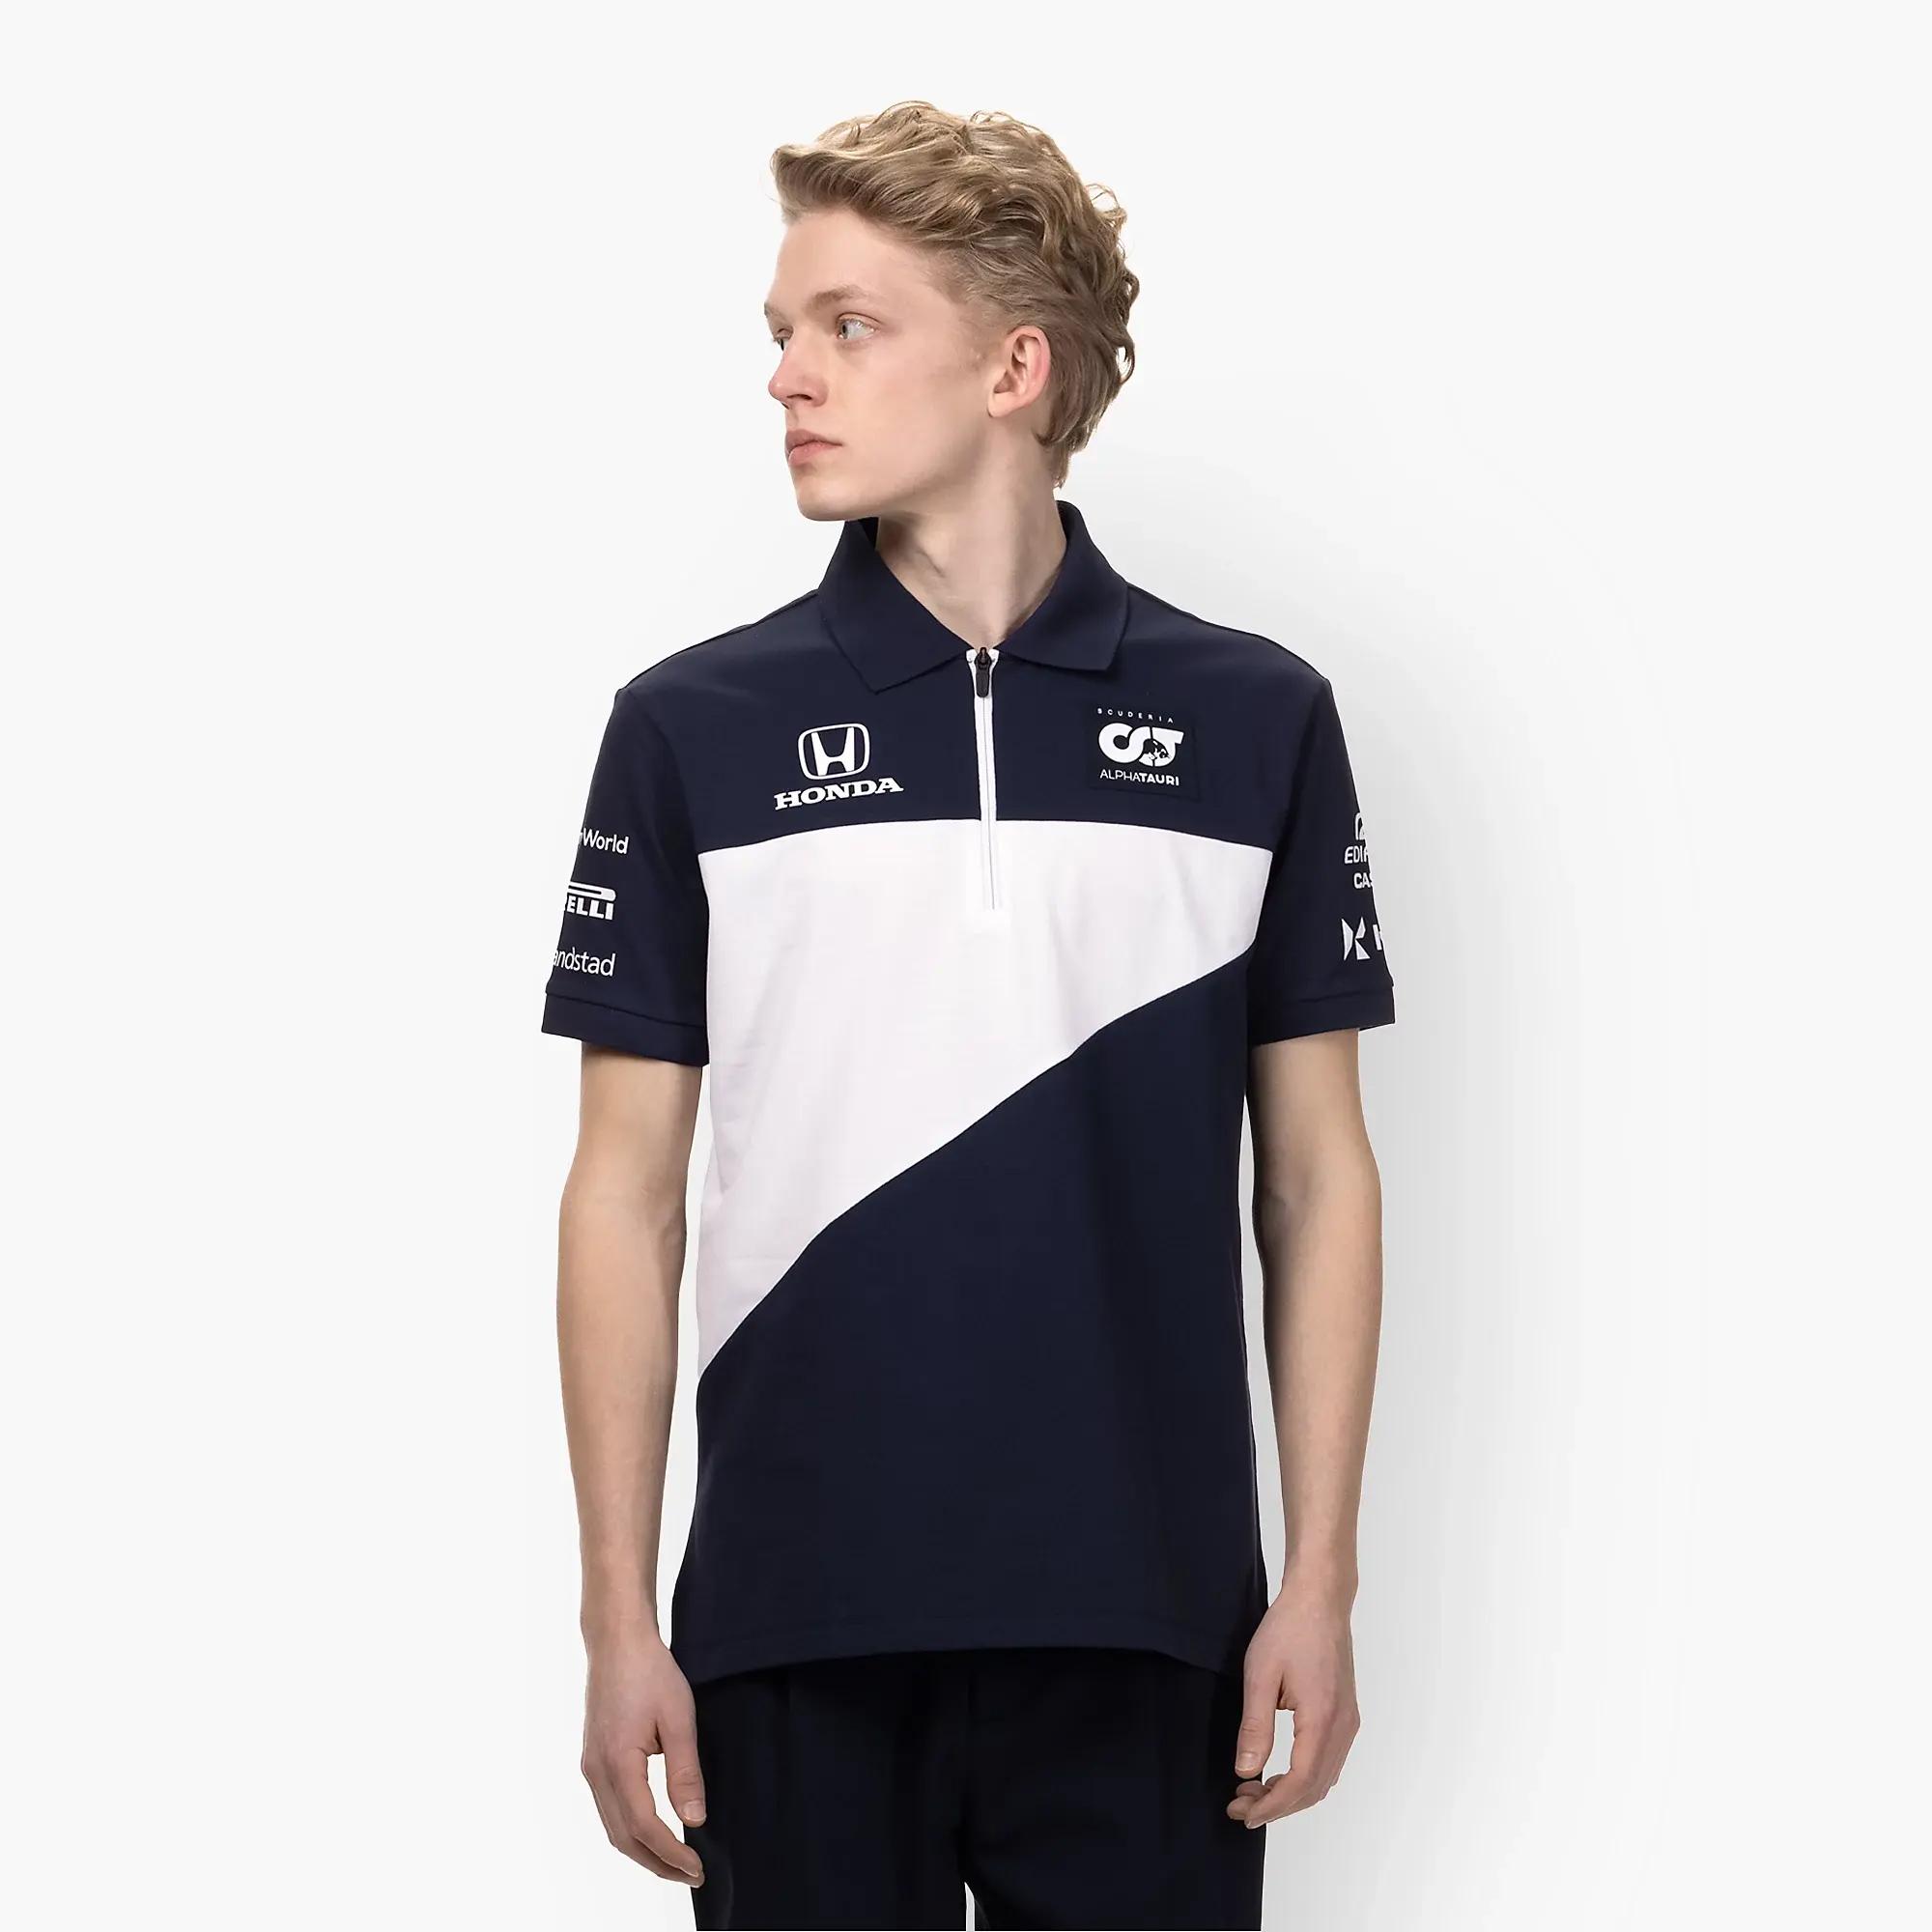 アルファタウリ・ホンダF1 2021年 ポロシャツ